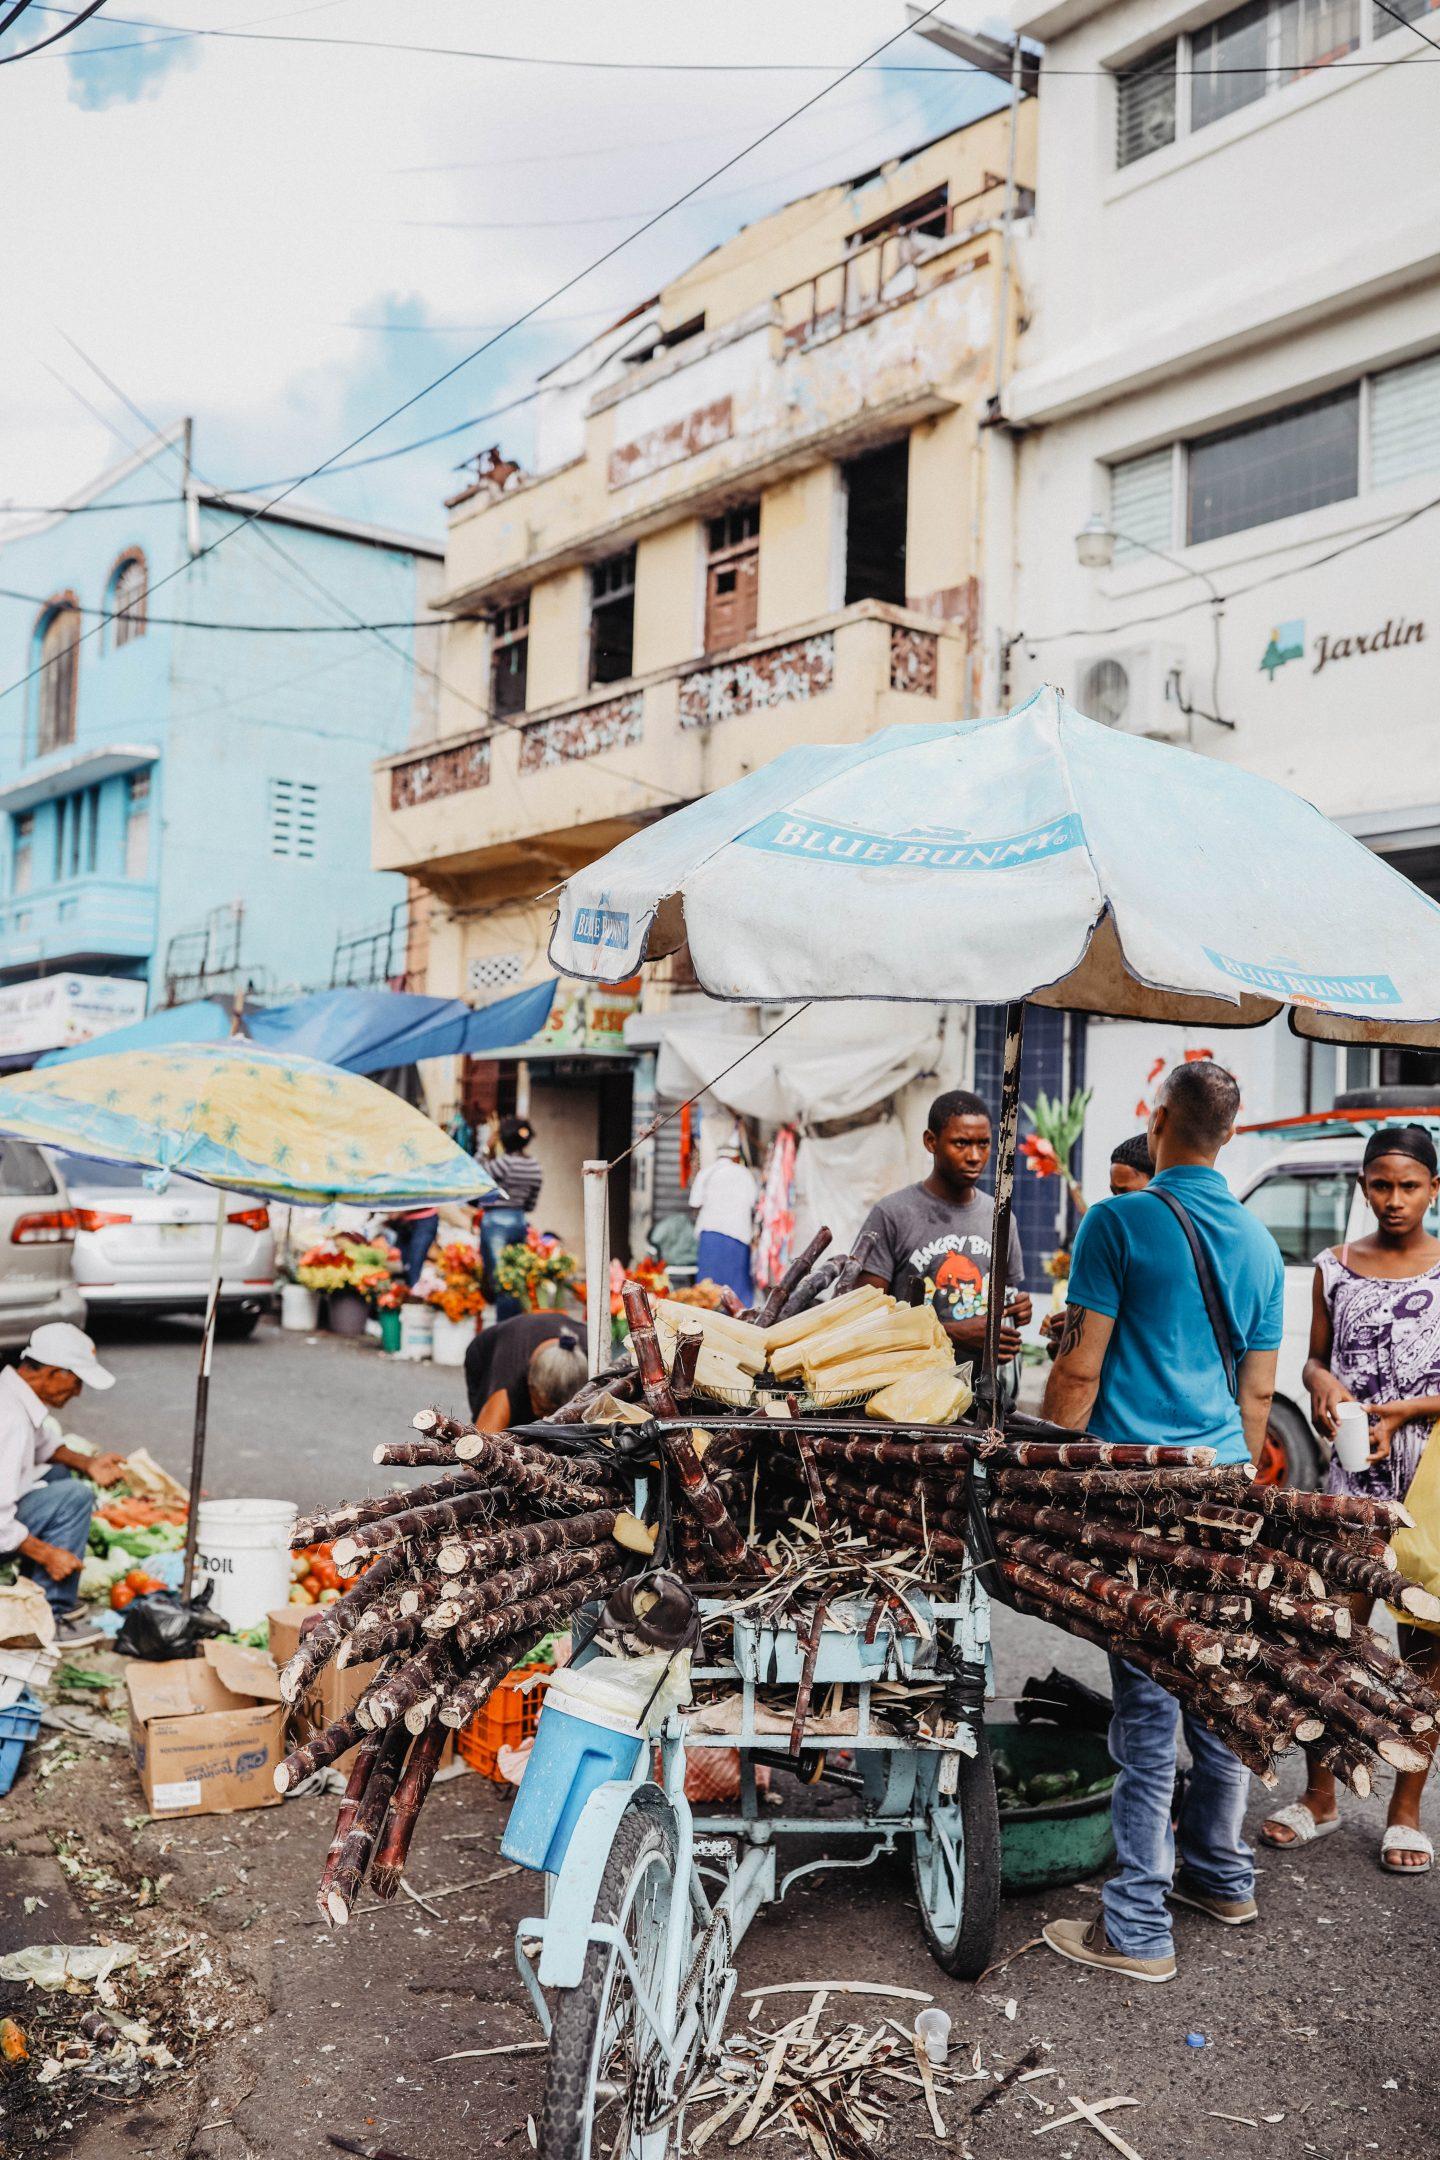 Vendeurs de sucre de cannes marché de saint domingue